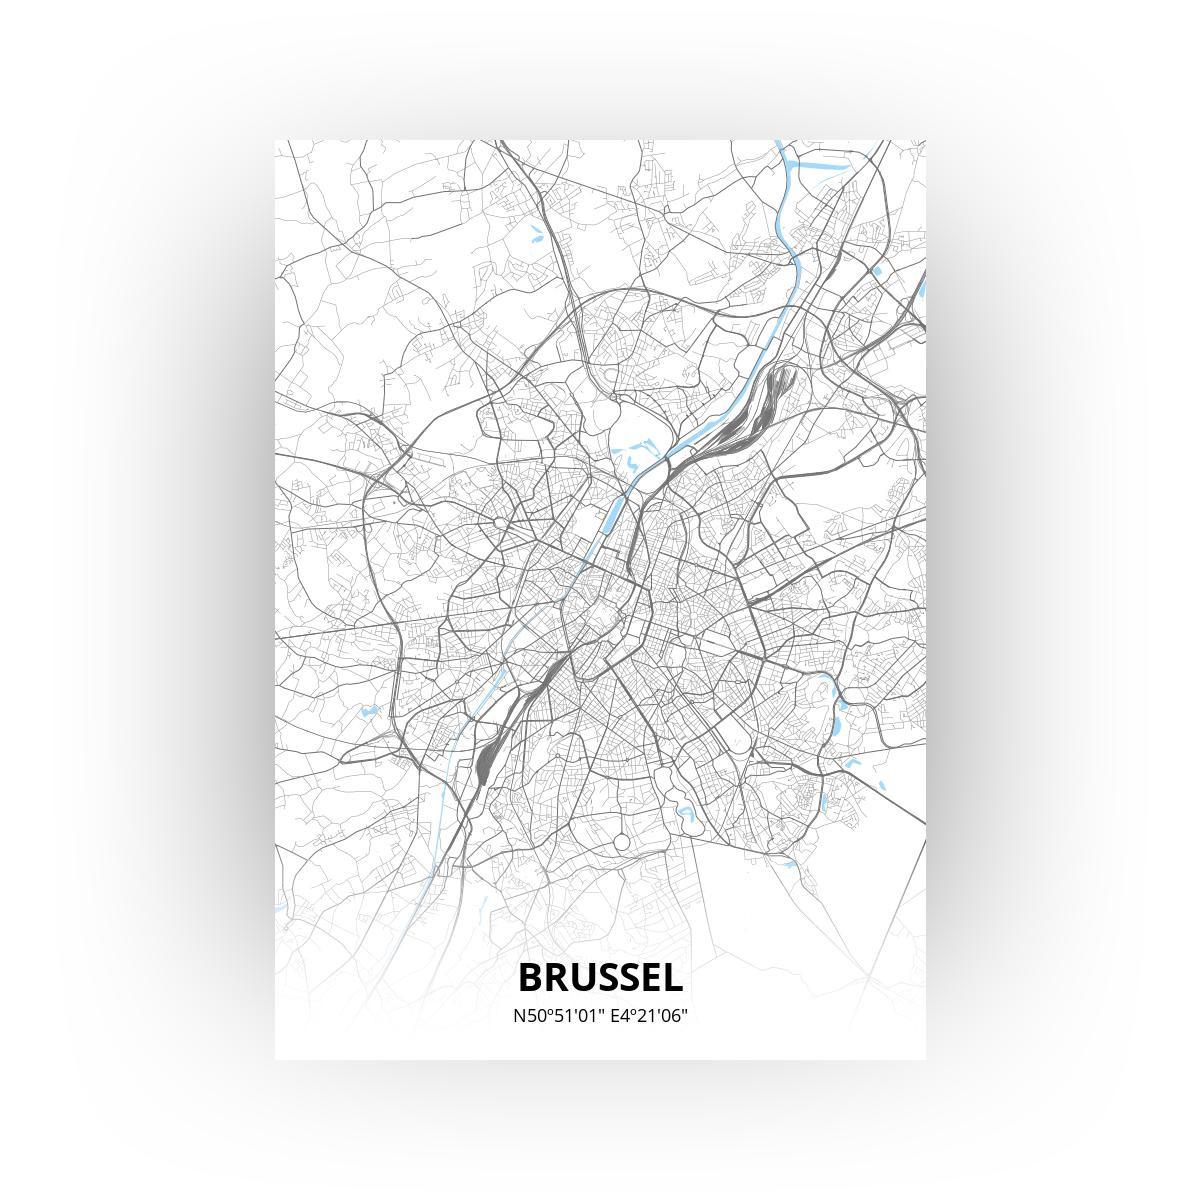 Brussel print - Standaard stijl